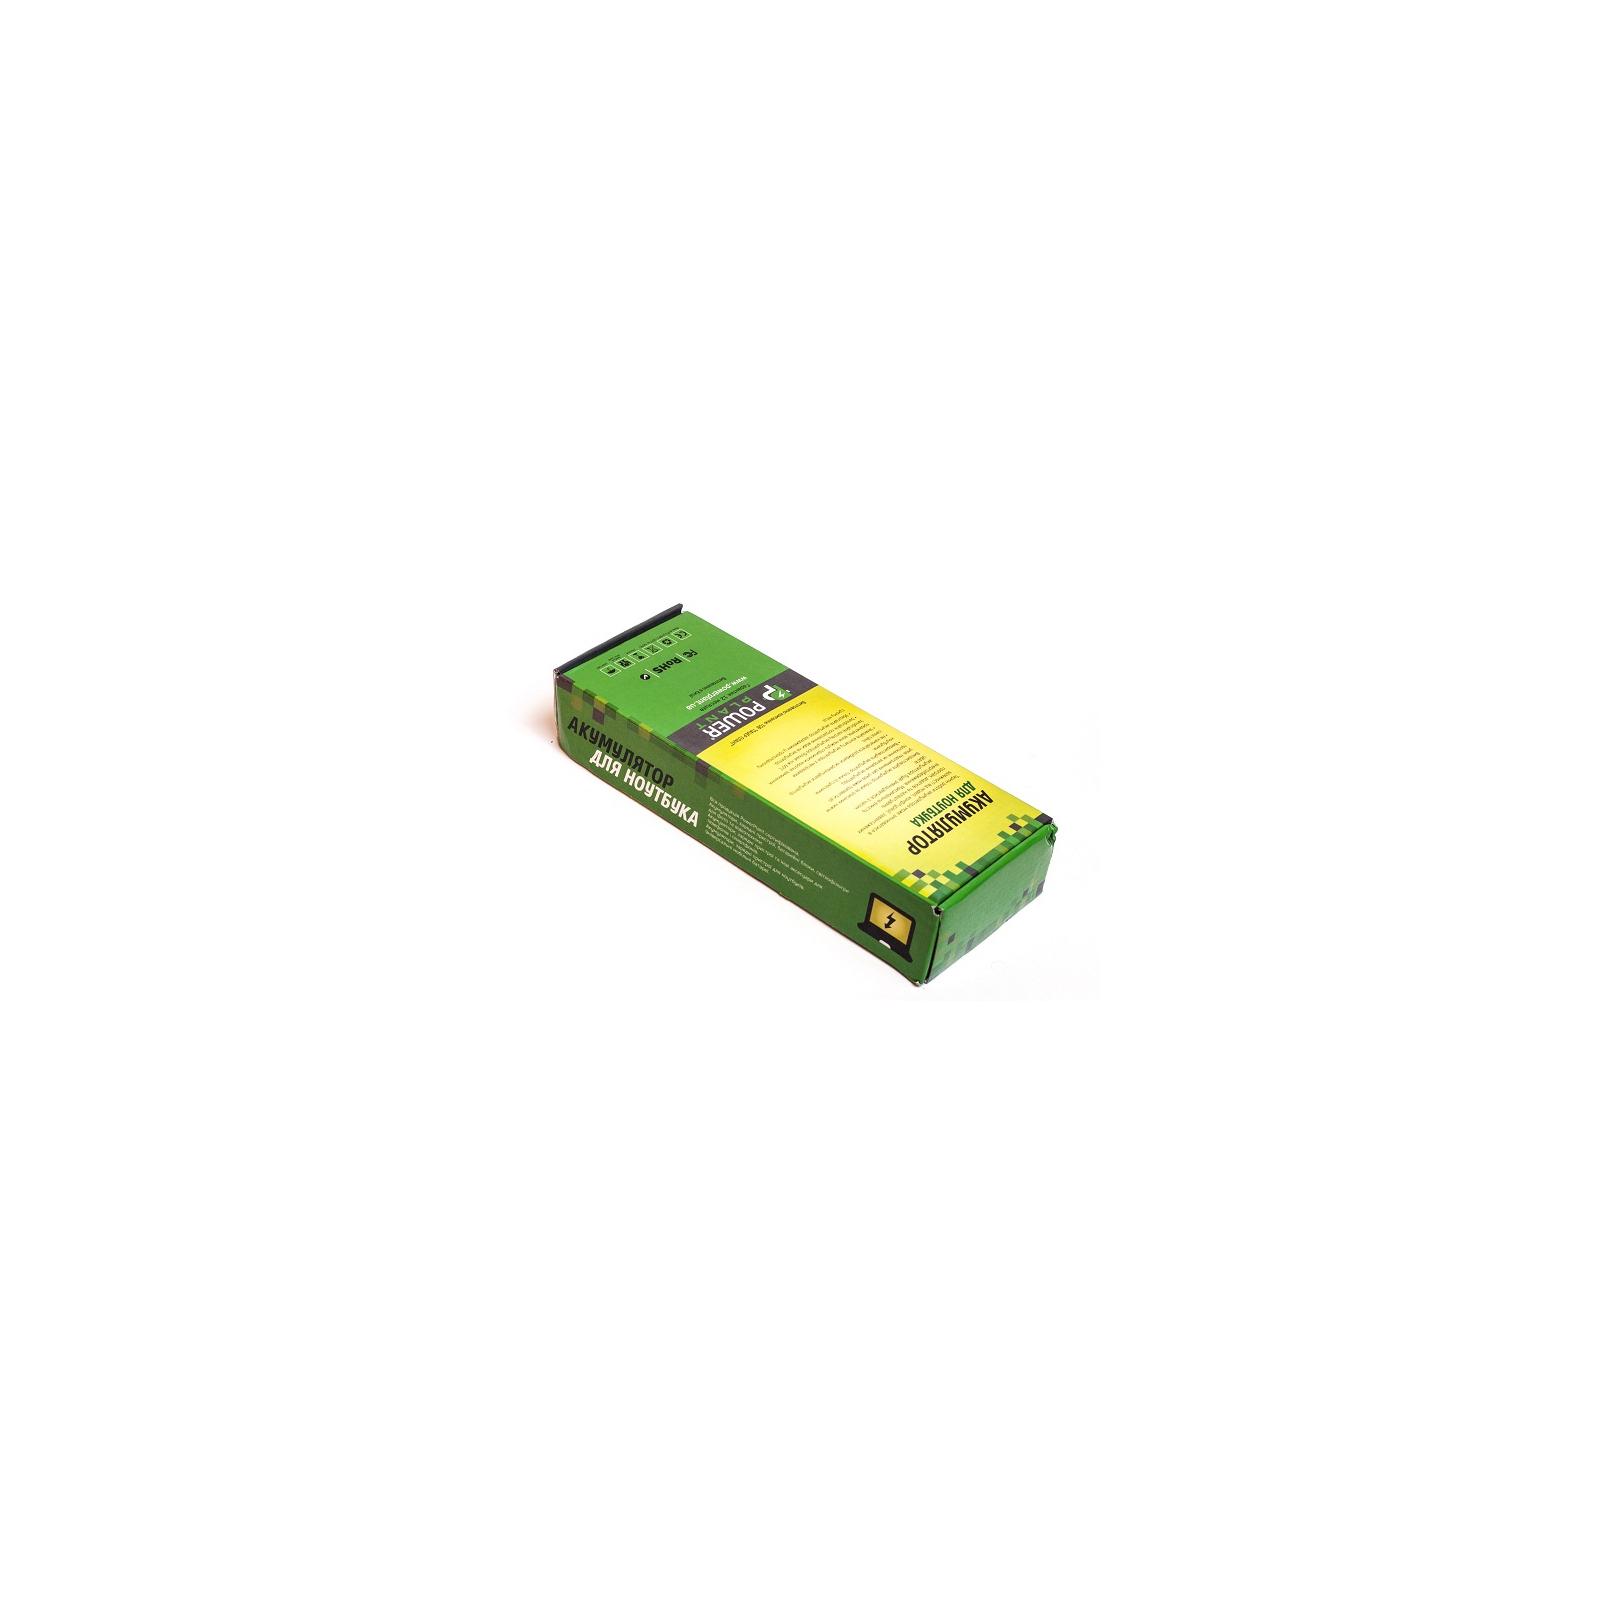 Аккумулятор для ноутбука ASUS A72 A73 (A32-K72) 10.8V 5200mAh PowerPlant (NB00000016) изображение 2